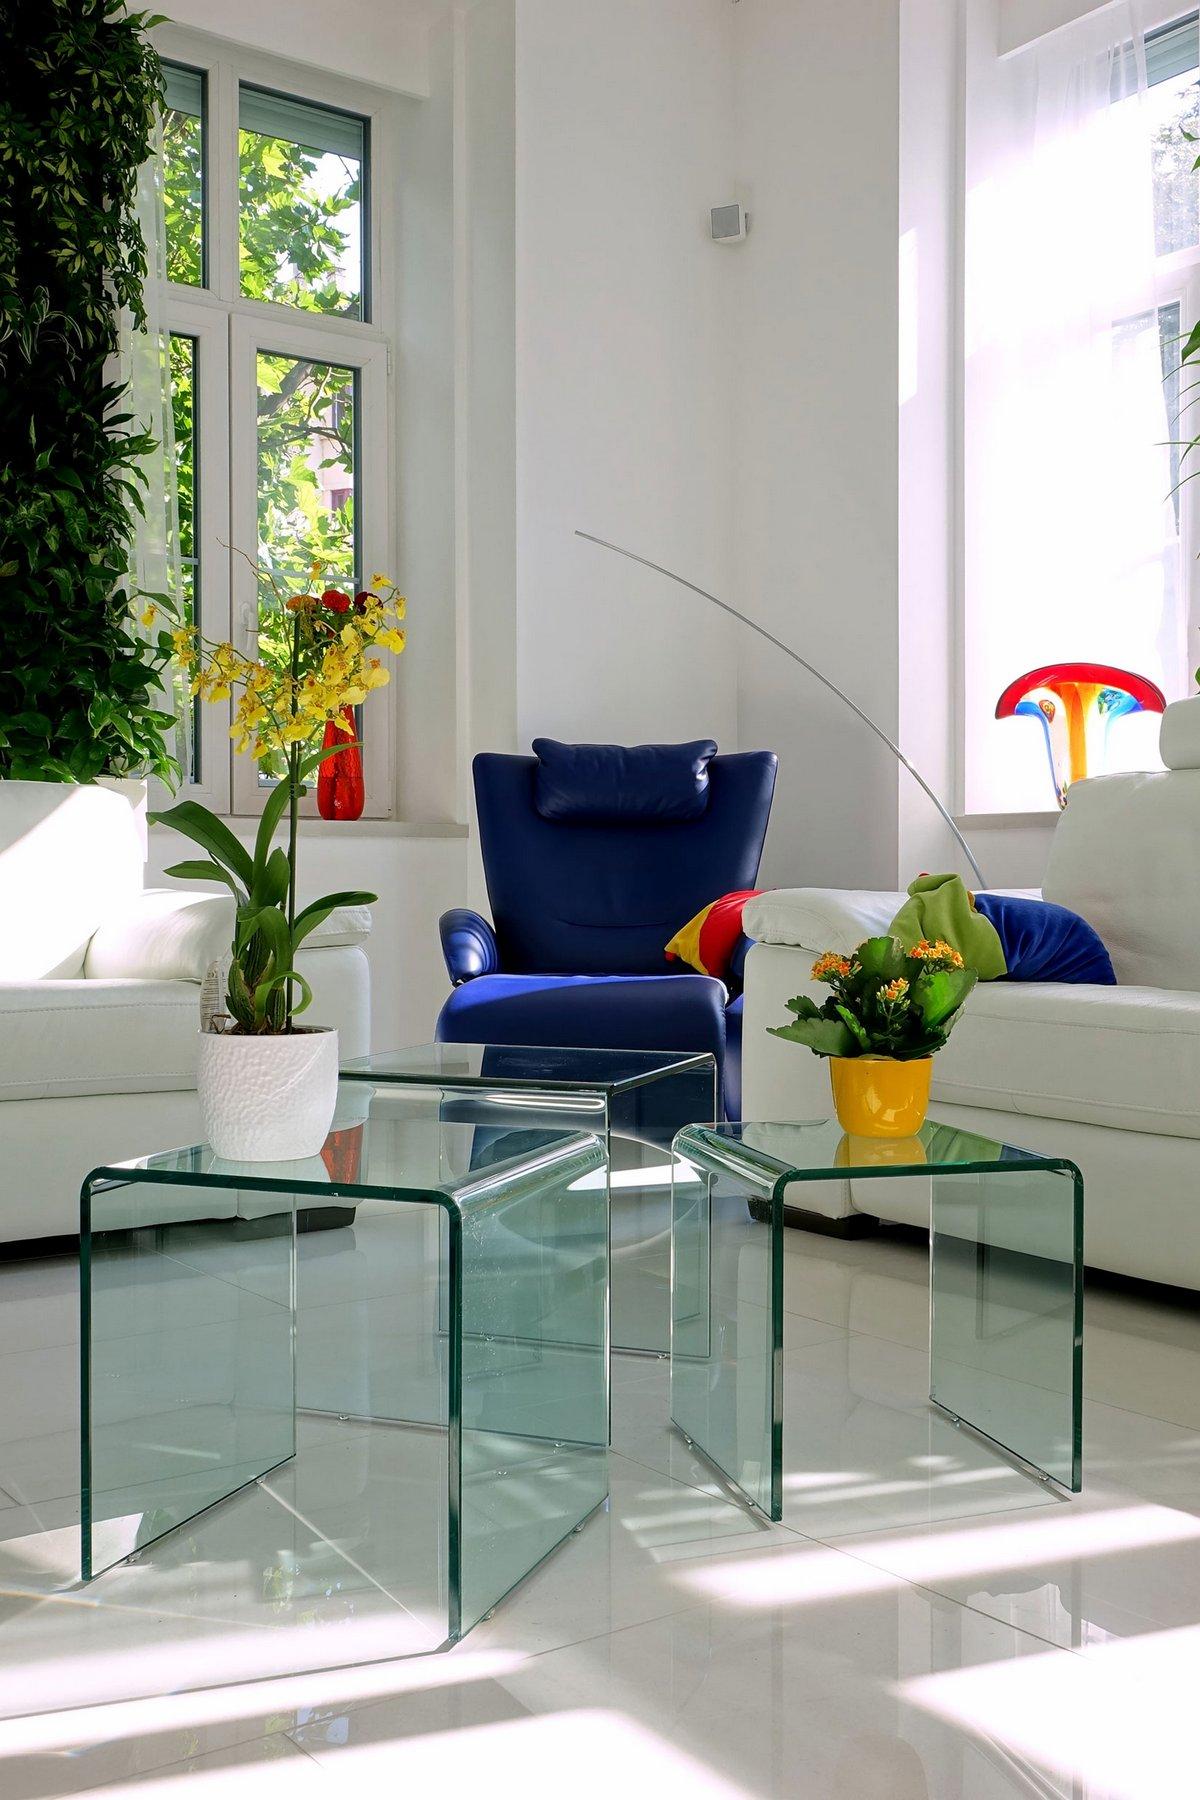 Margeza, белые стены в интерьере фото, яркая мебель в квартире фото, декоративные светильники фото, квартира в Будапеште, Halasz Utca